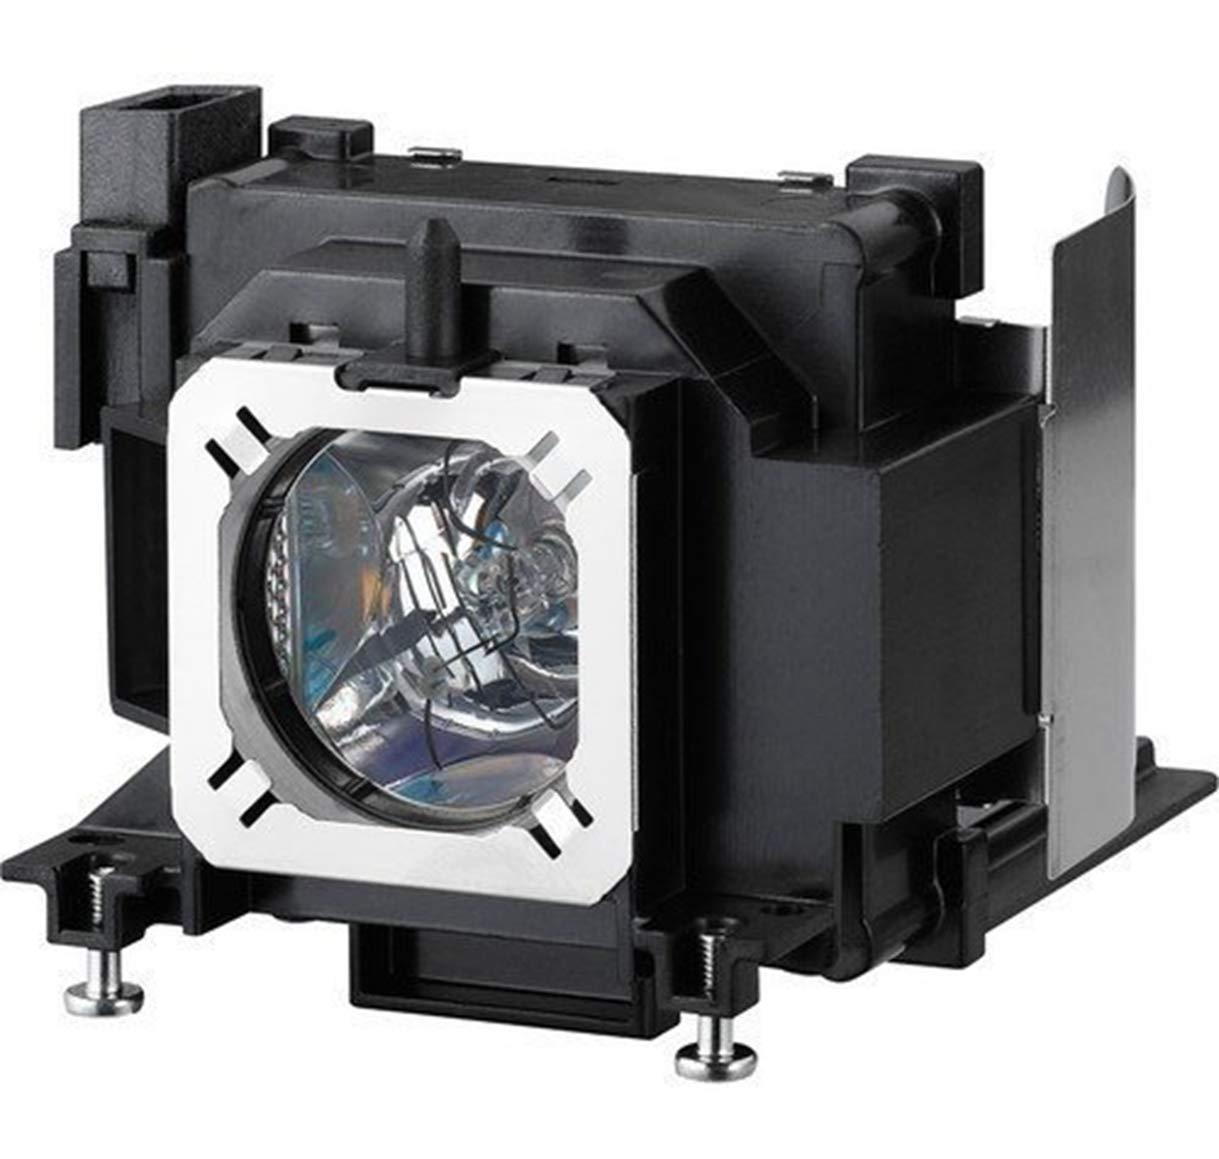 ET-LAL100 Projector Lamp For Panasonic PT-LX26H PT-LW25HU PT-LX22 LX26 LX26E LX26EA LW26H LX26HU LX30H LX30HU LW26 LW22 LW30H